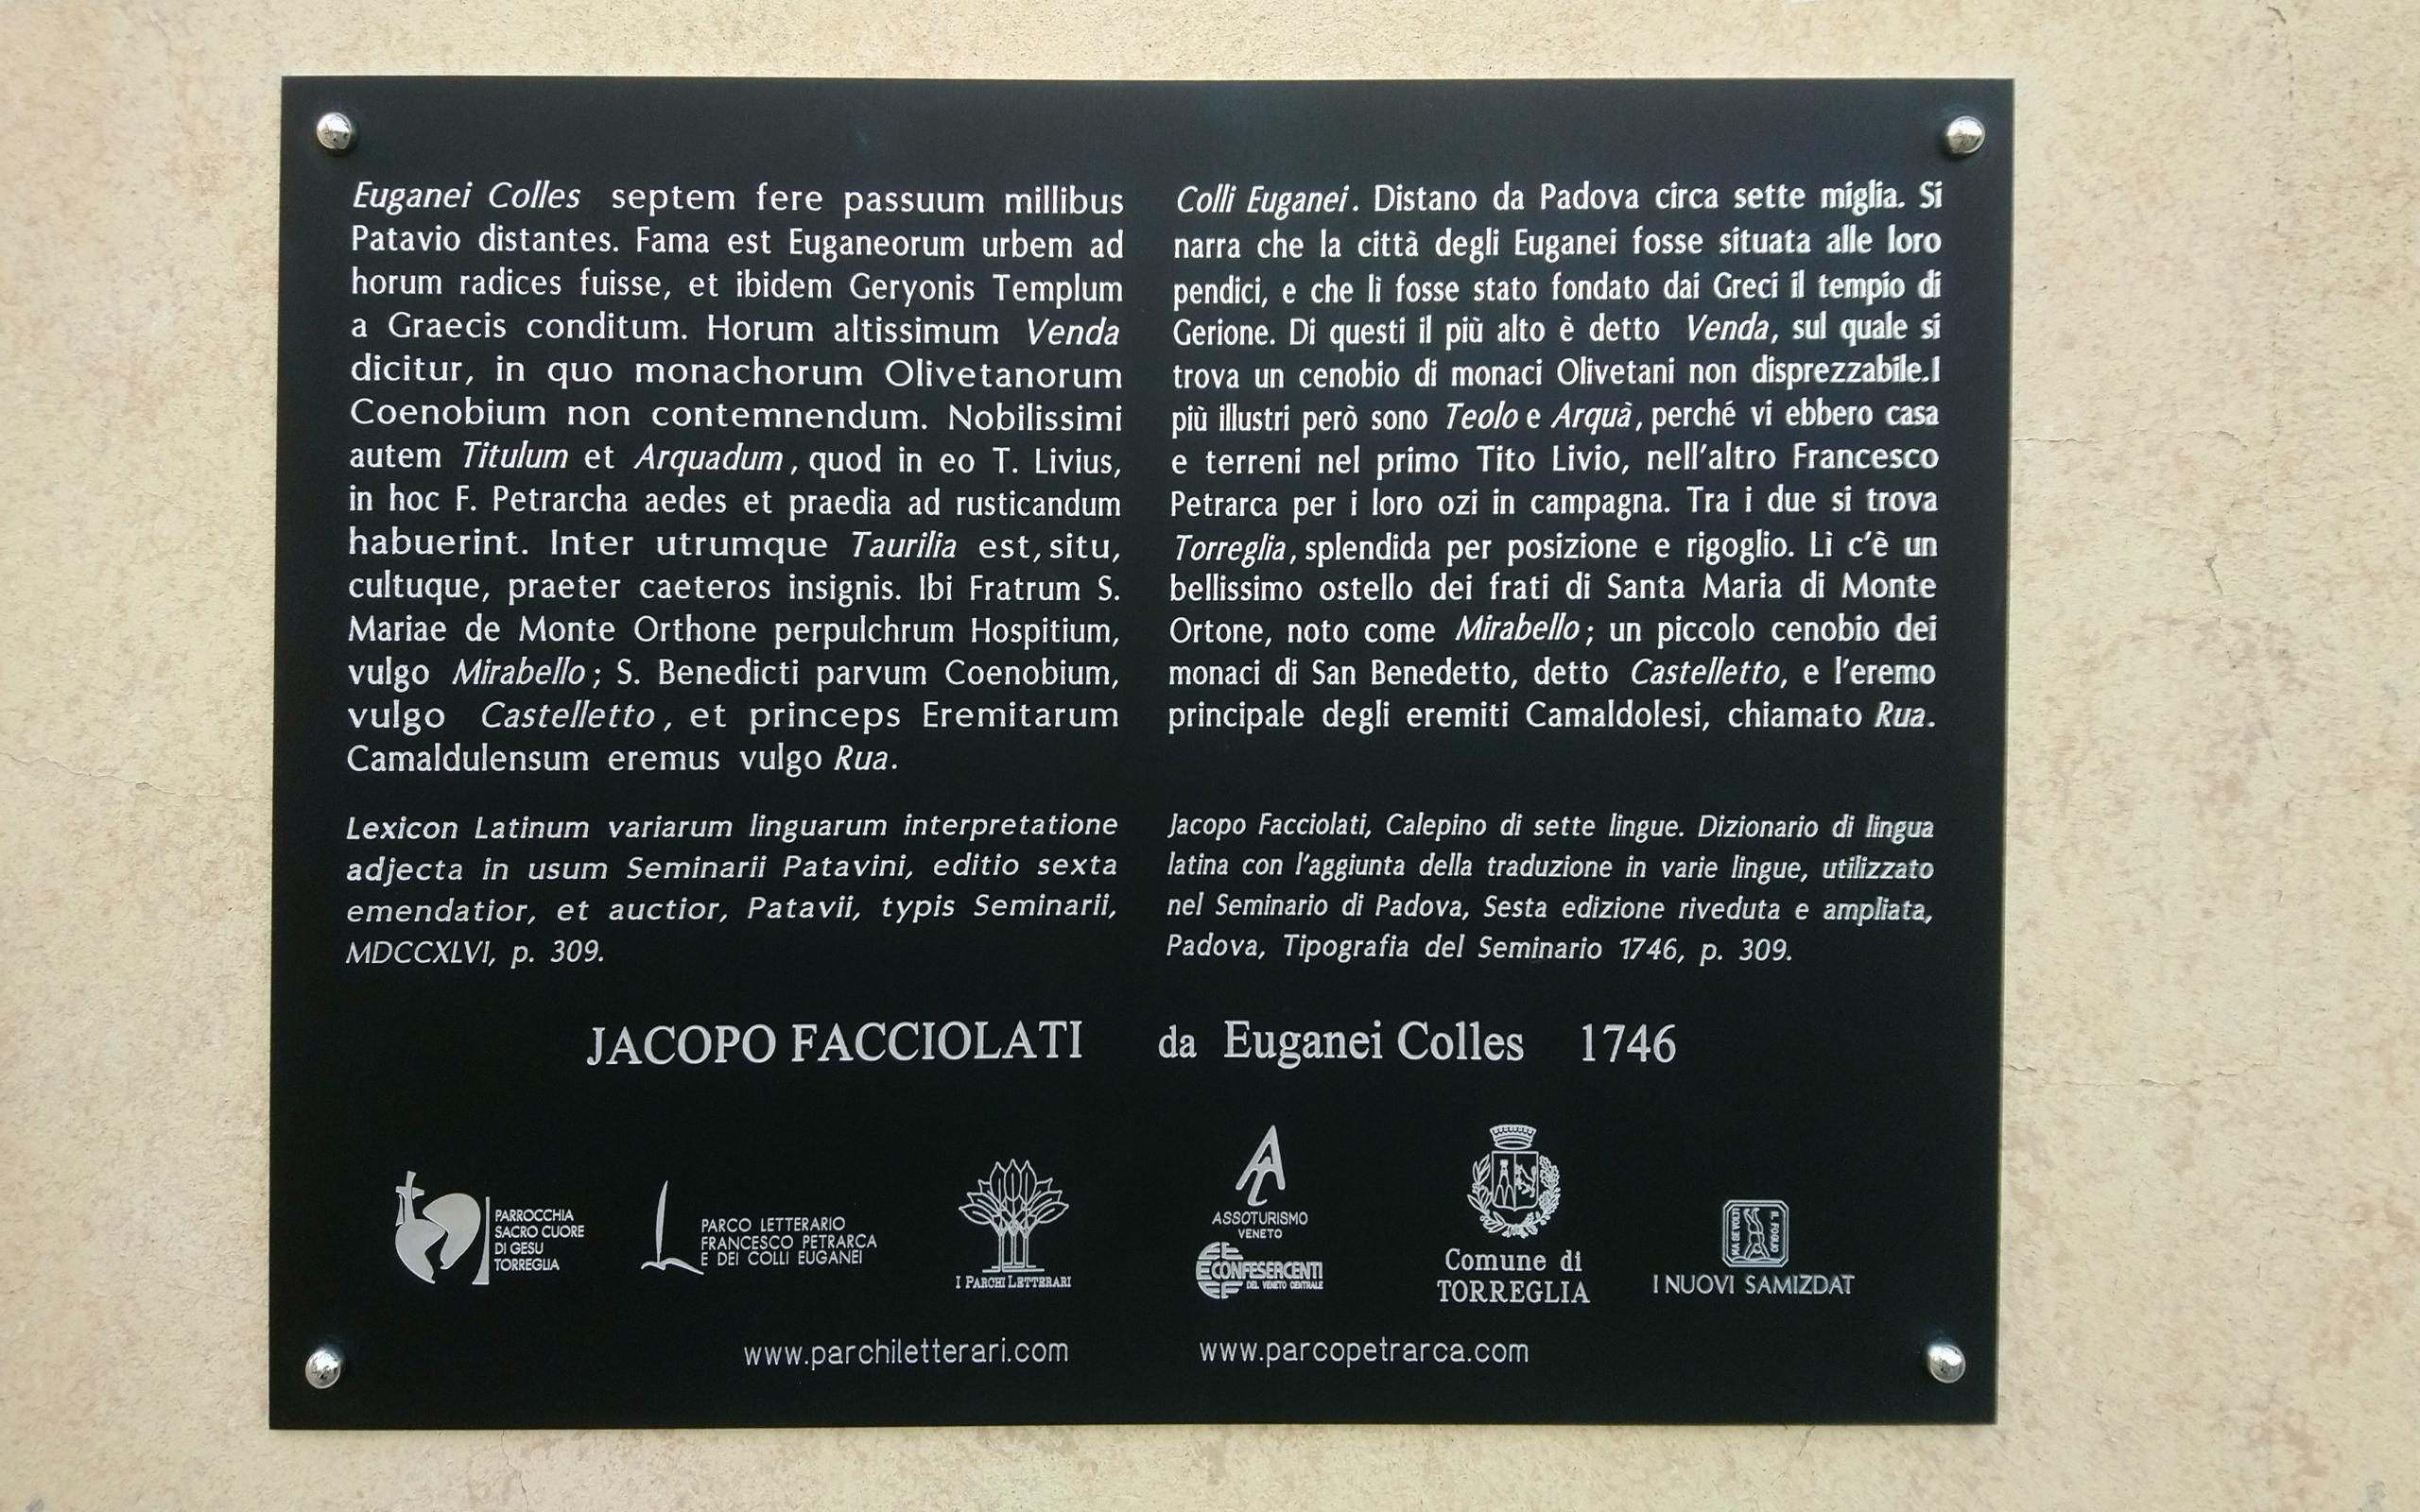 Jacopo Facciolati a Torreglia